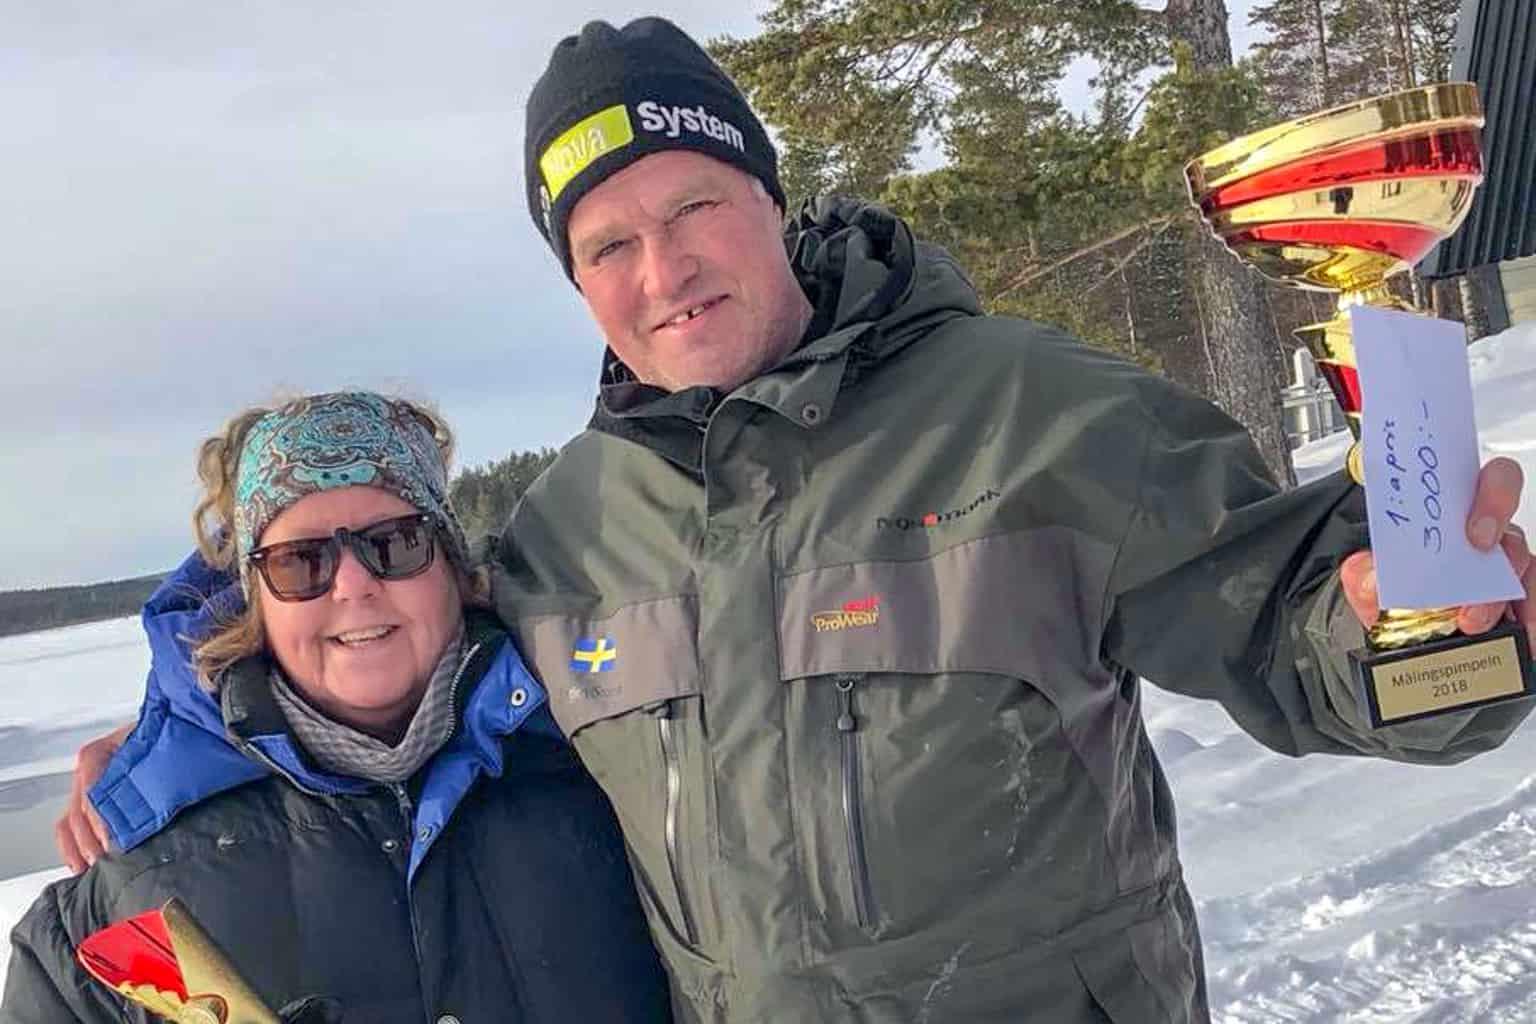 Lena Gustavsson och Jörgen Storm, glada vinnare i Målingspimpeln 2018. Foto: Thomas Sundemyr